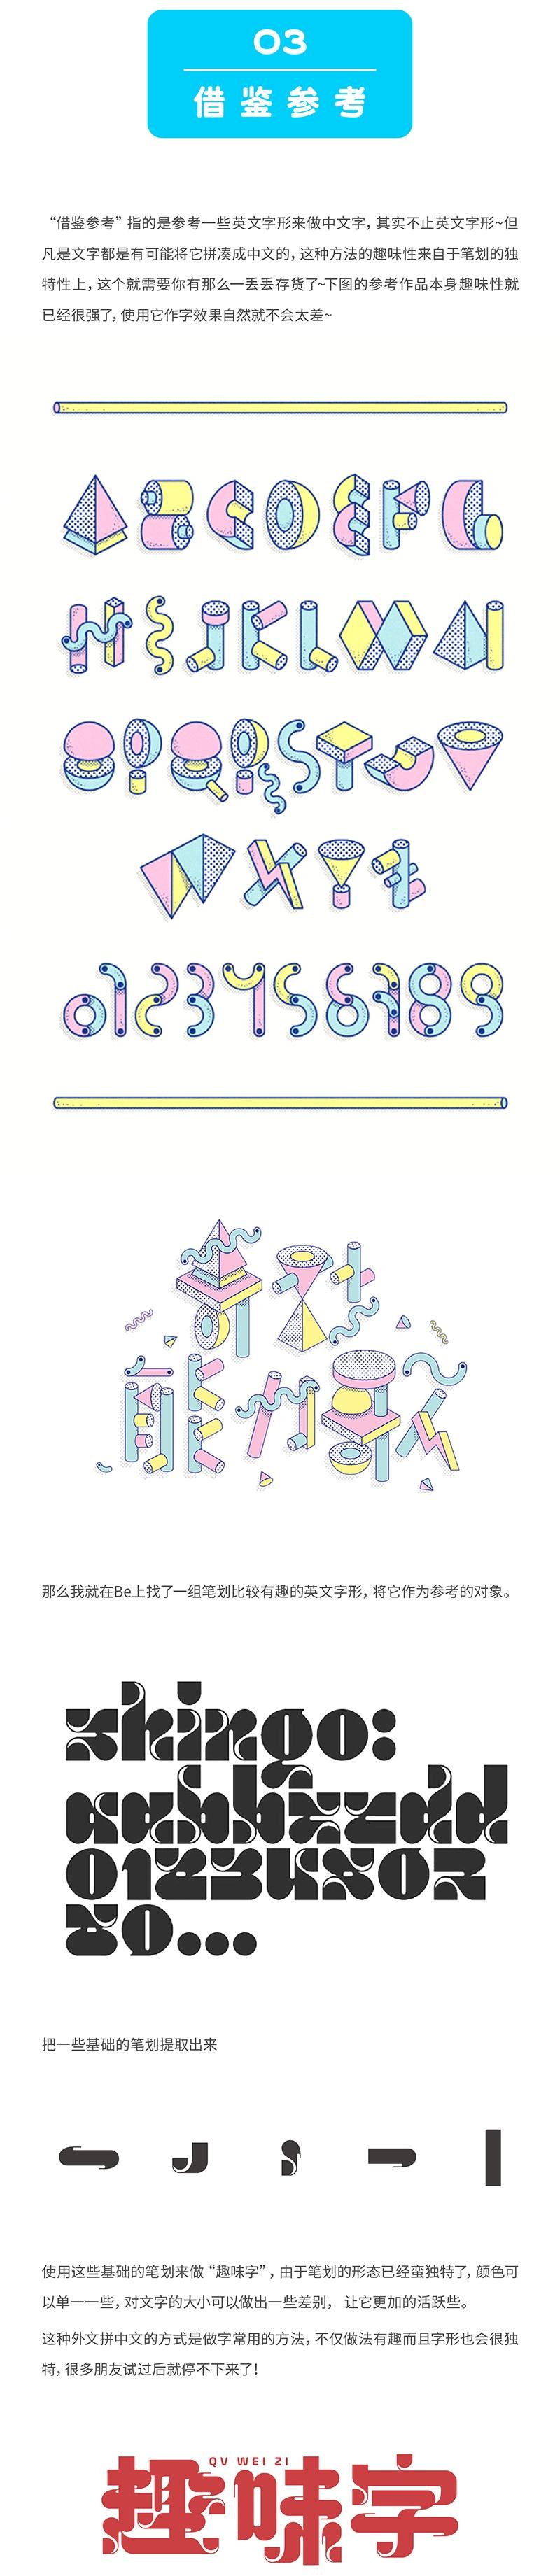 高手怎么做趣味字体?这4招帮你轻松搞定!